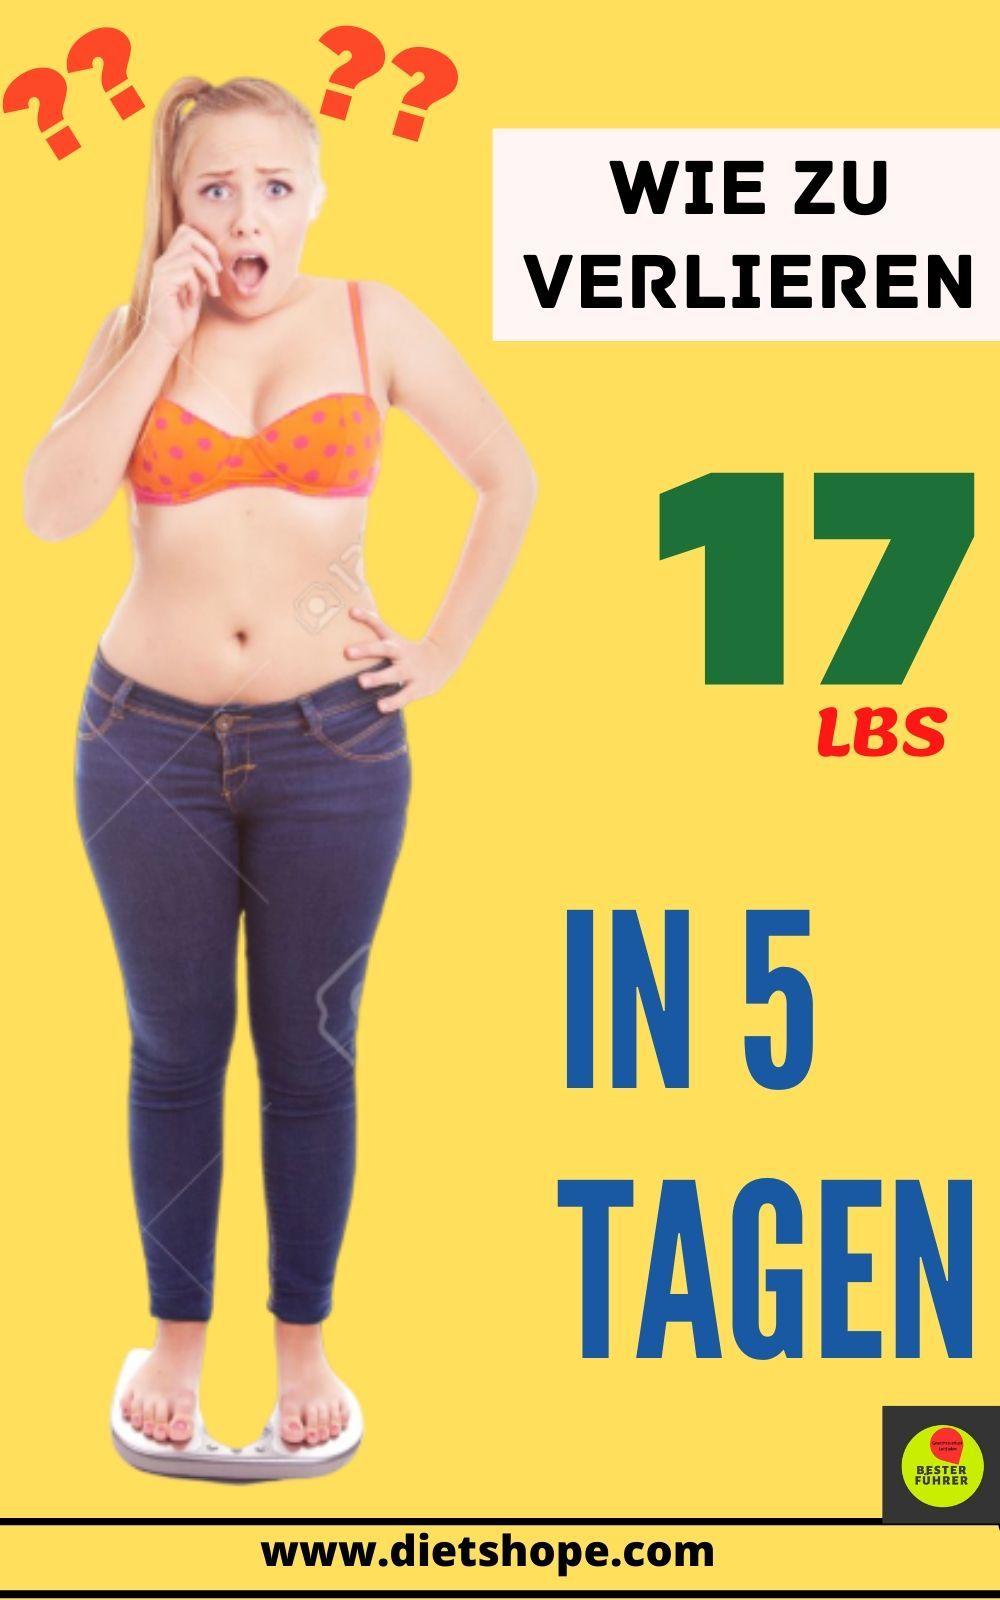 Abnehmen und zu einem schlanken Körper gelangen. Ketoguru ist ein Produkt, das fettreich und kohlenh...